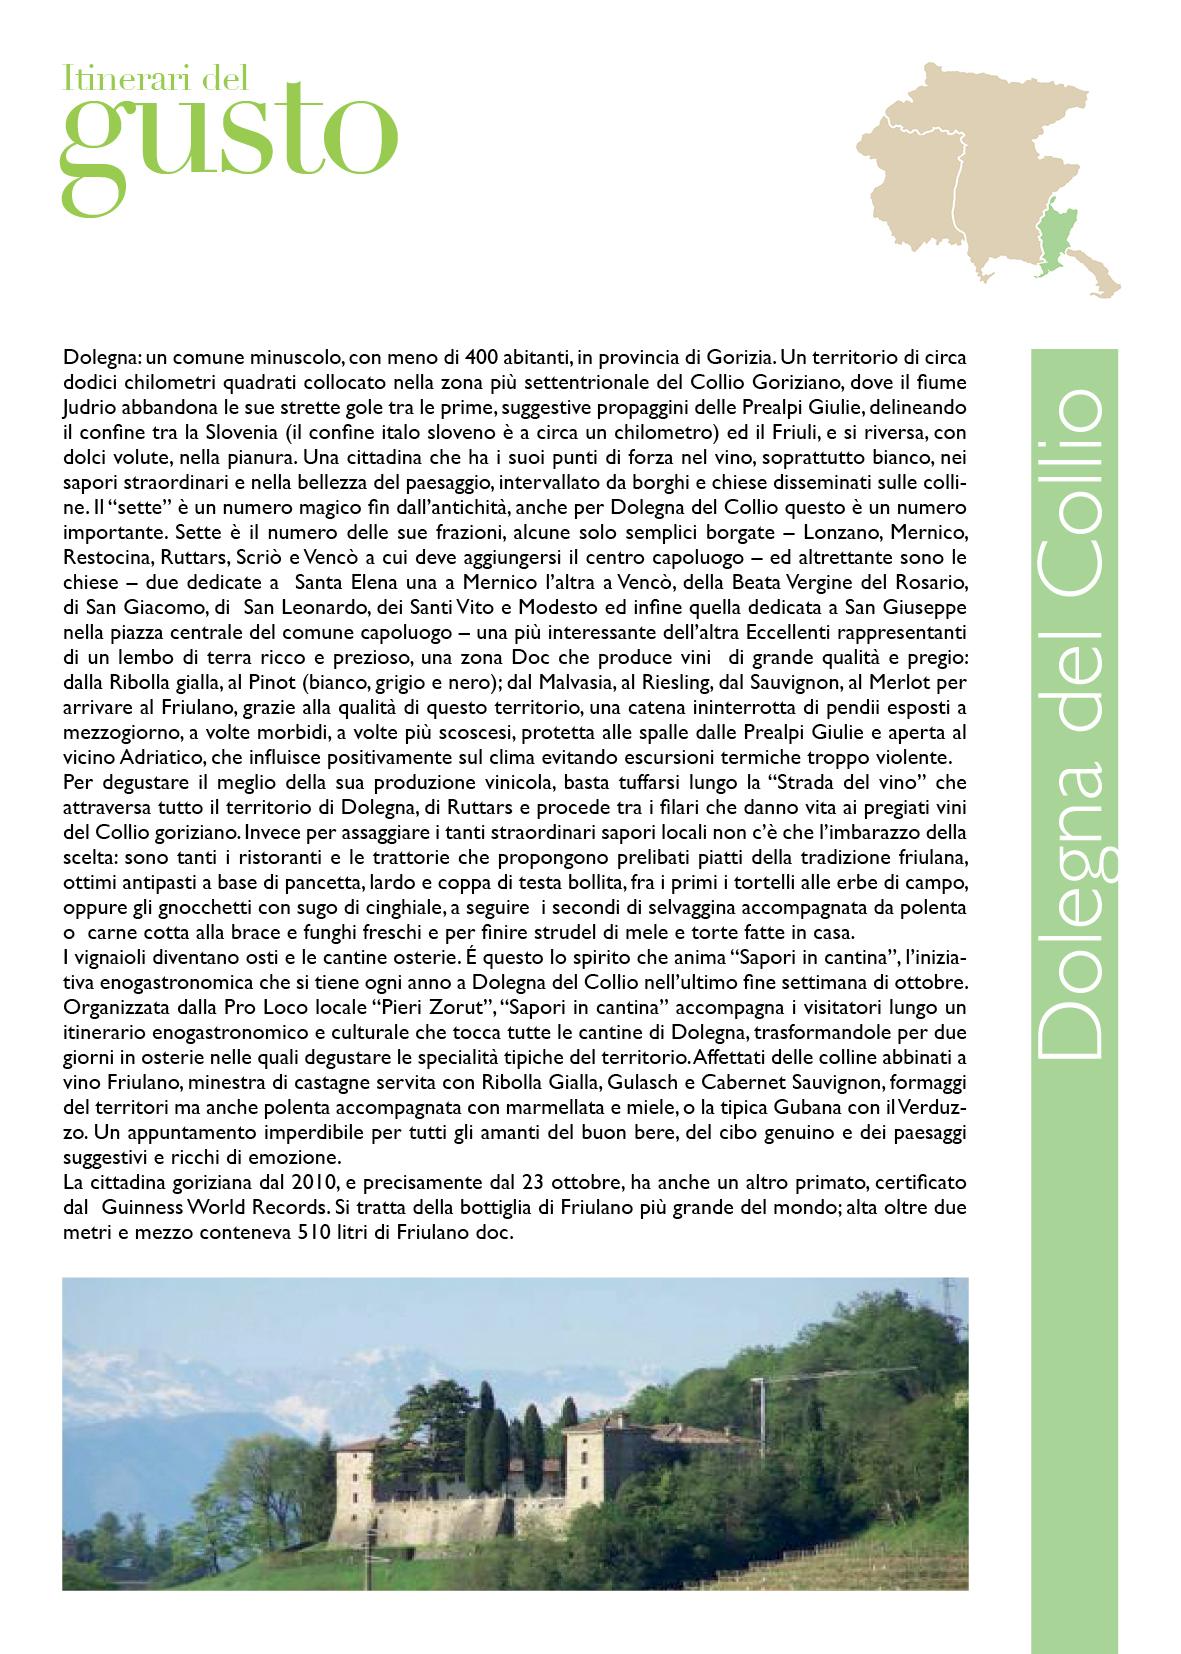 ITINERARI DEL GUSTO 2018-19 pagine singole72